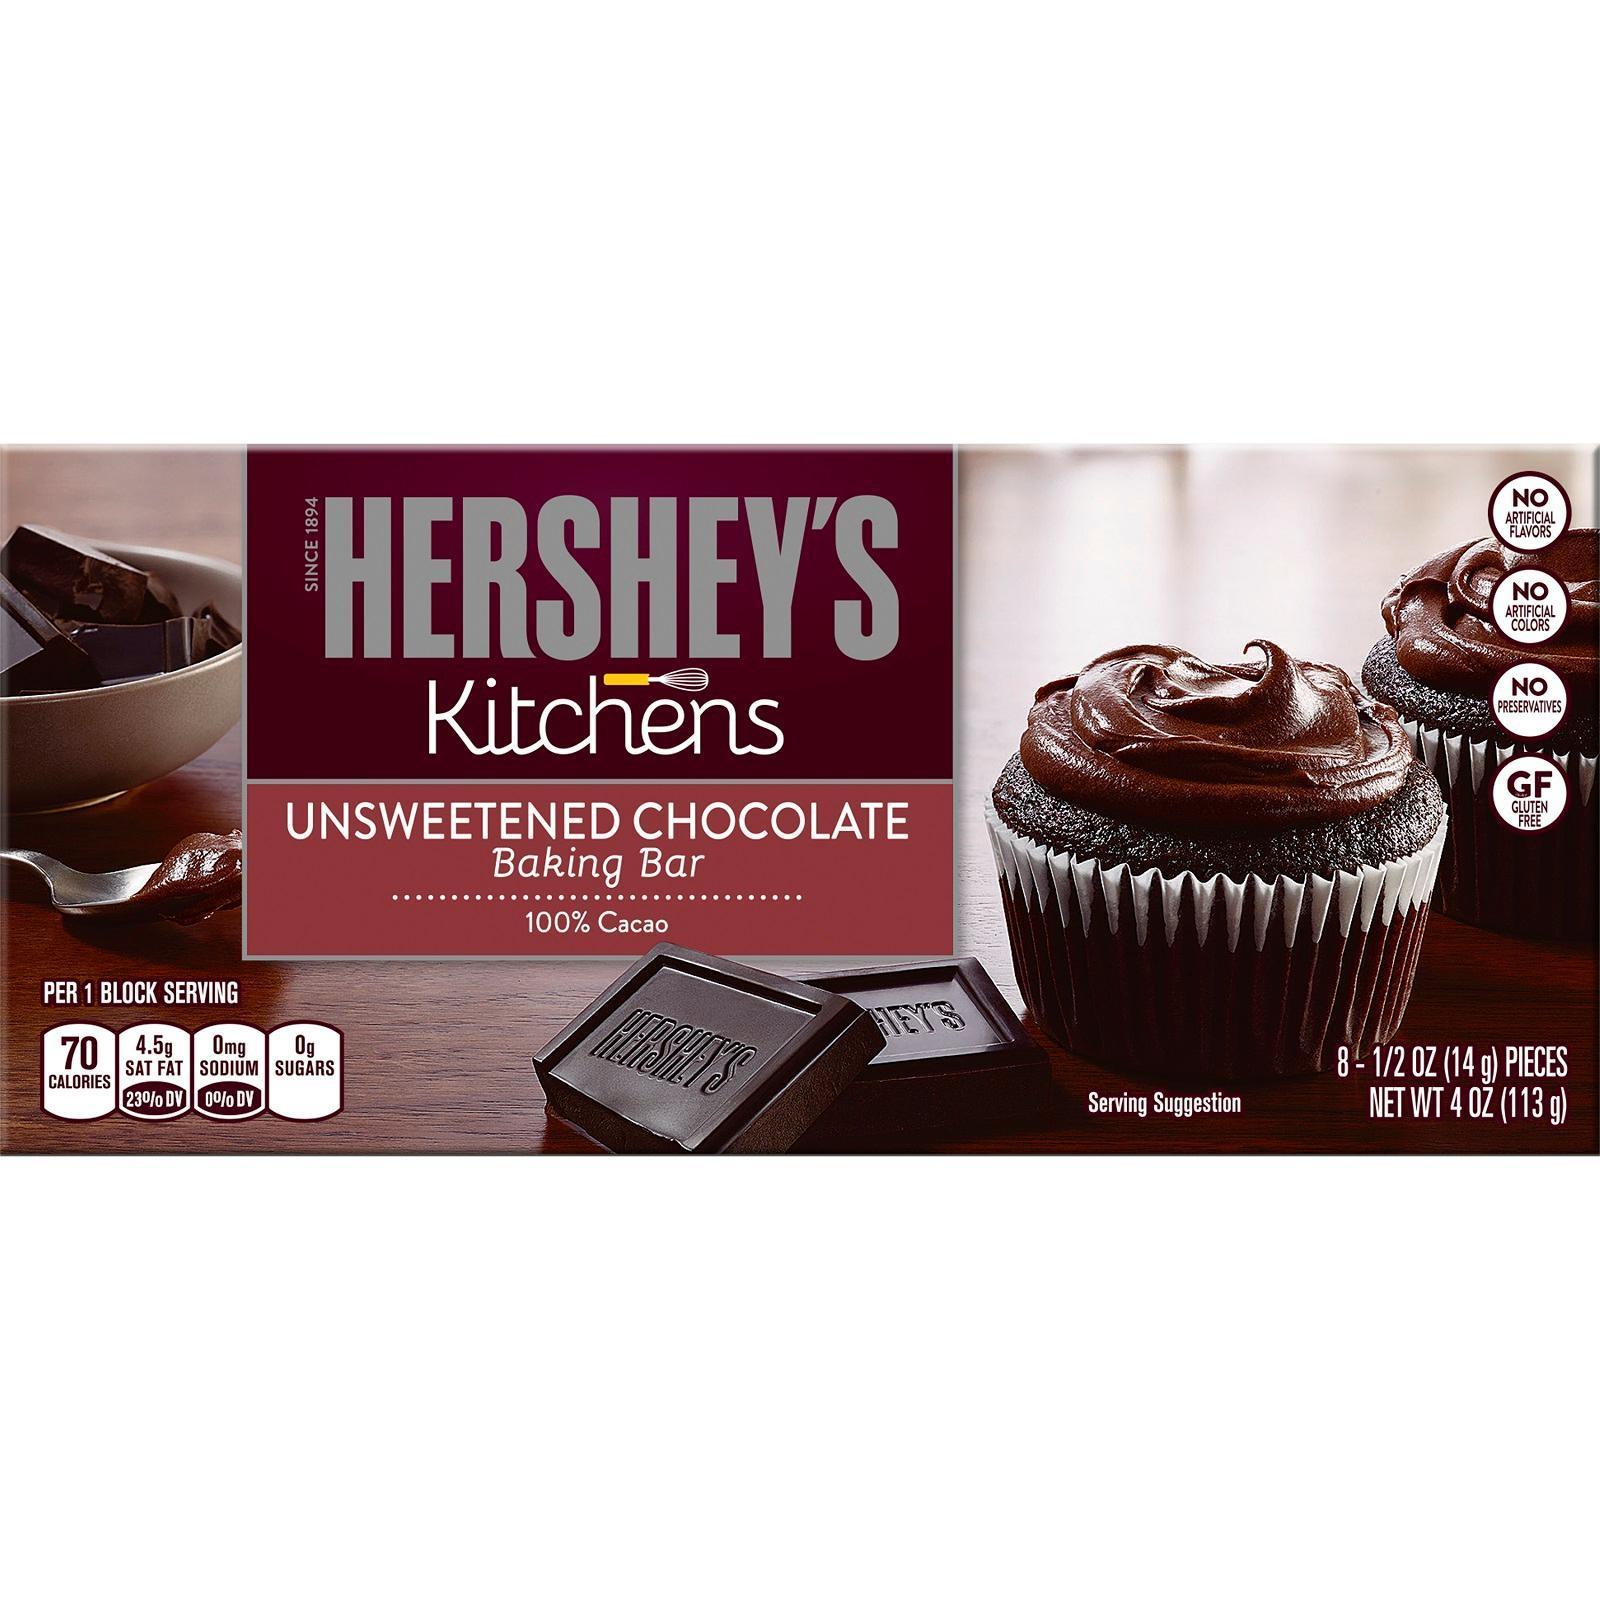 Hershey's Kitchens Baking Chocolate Bar - Unsweetened